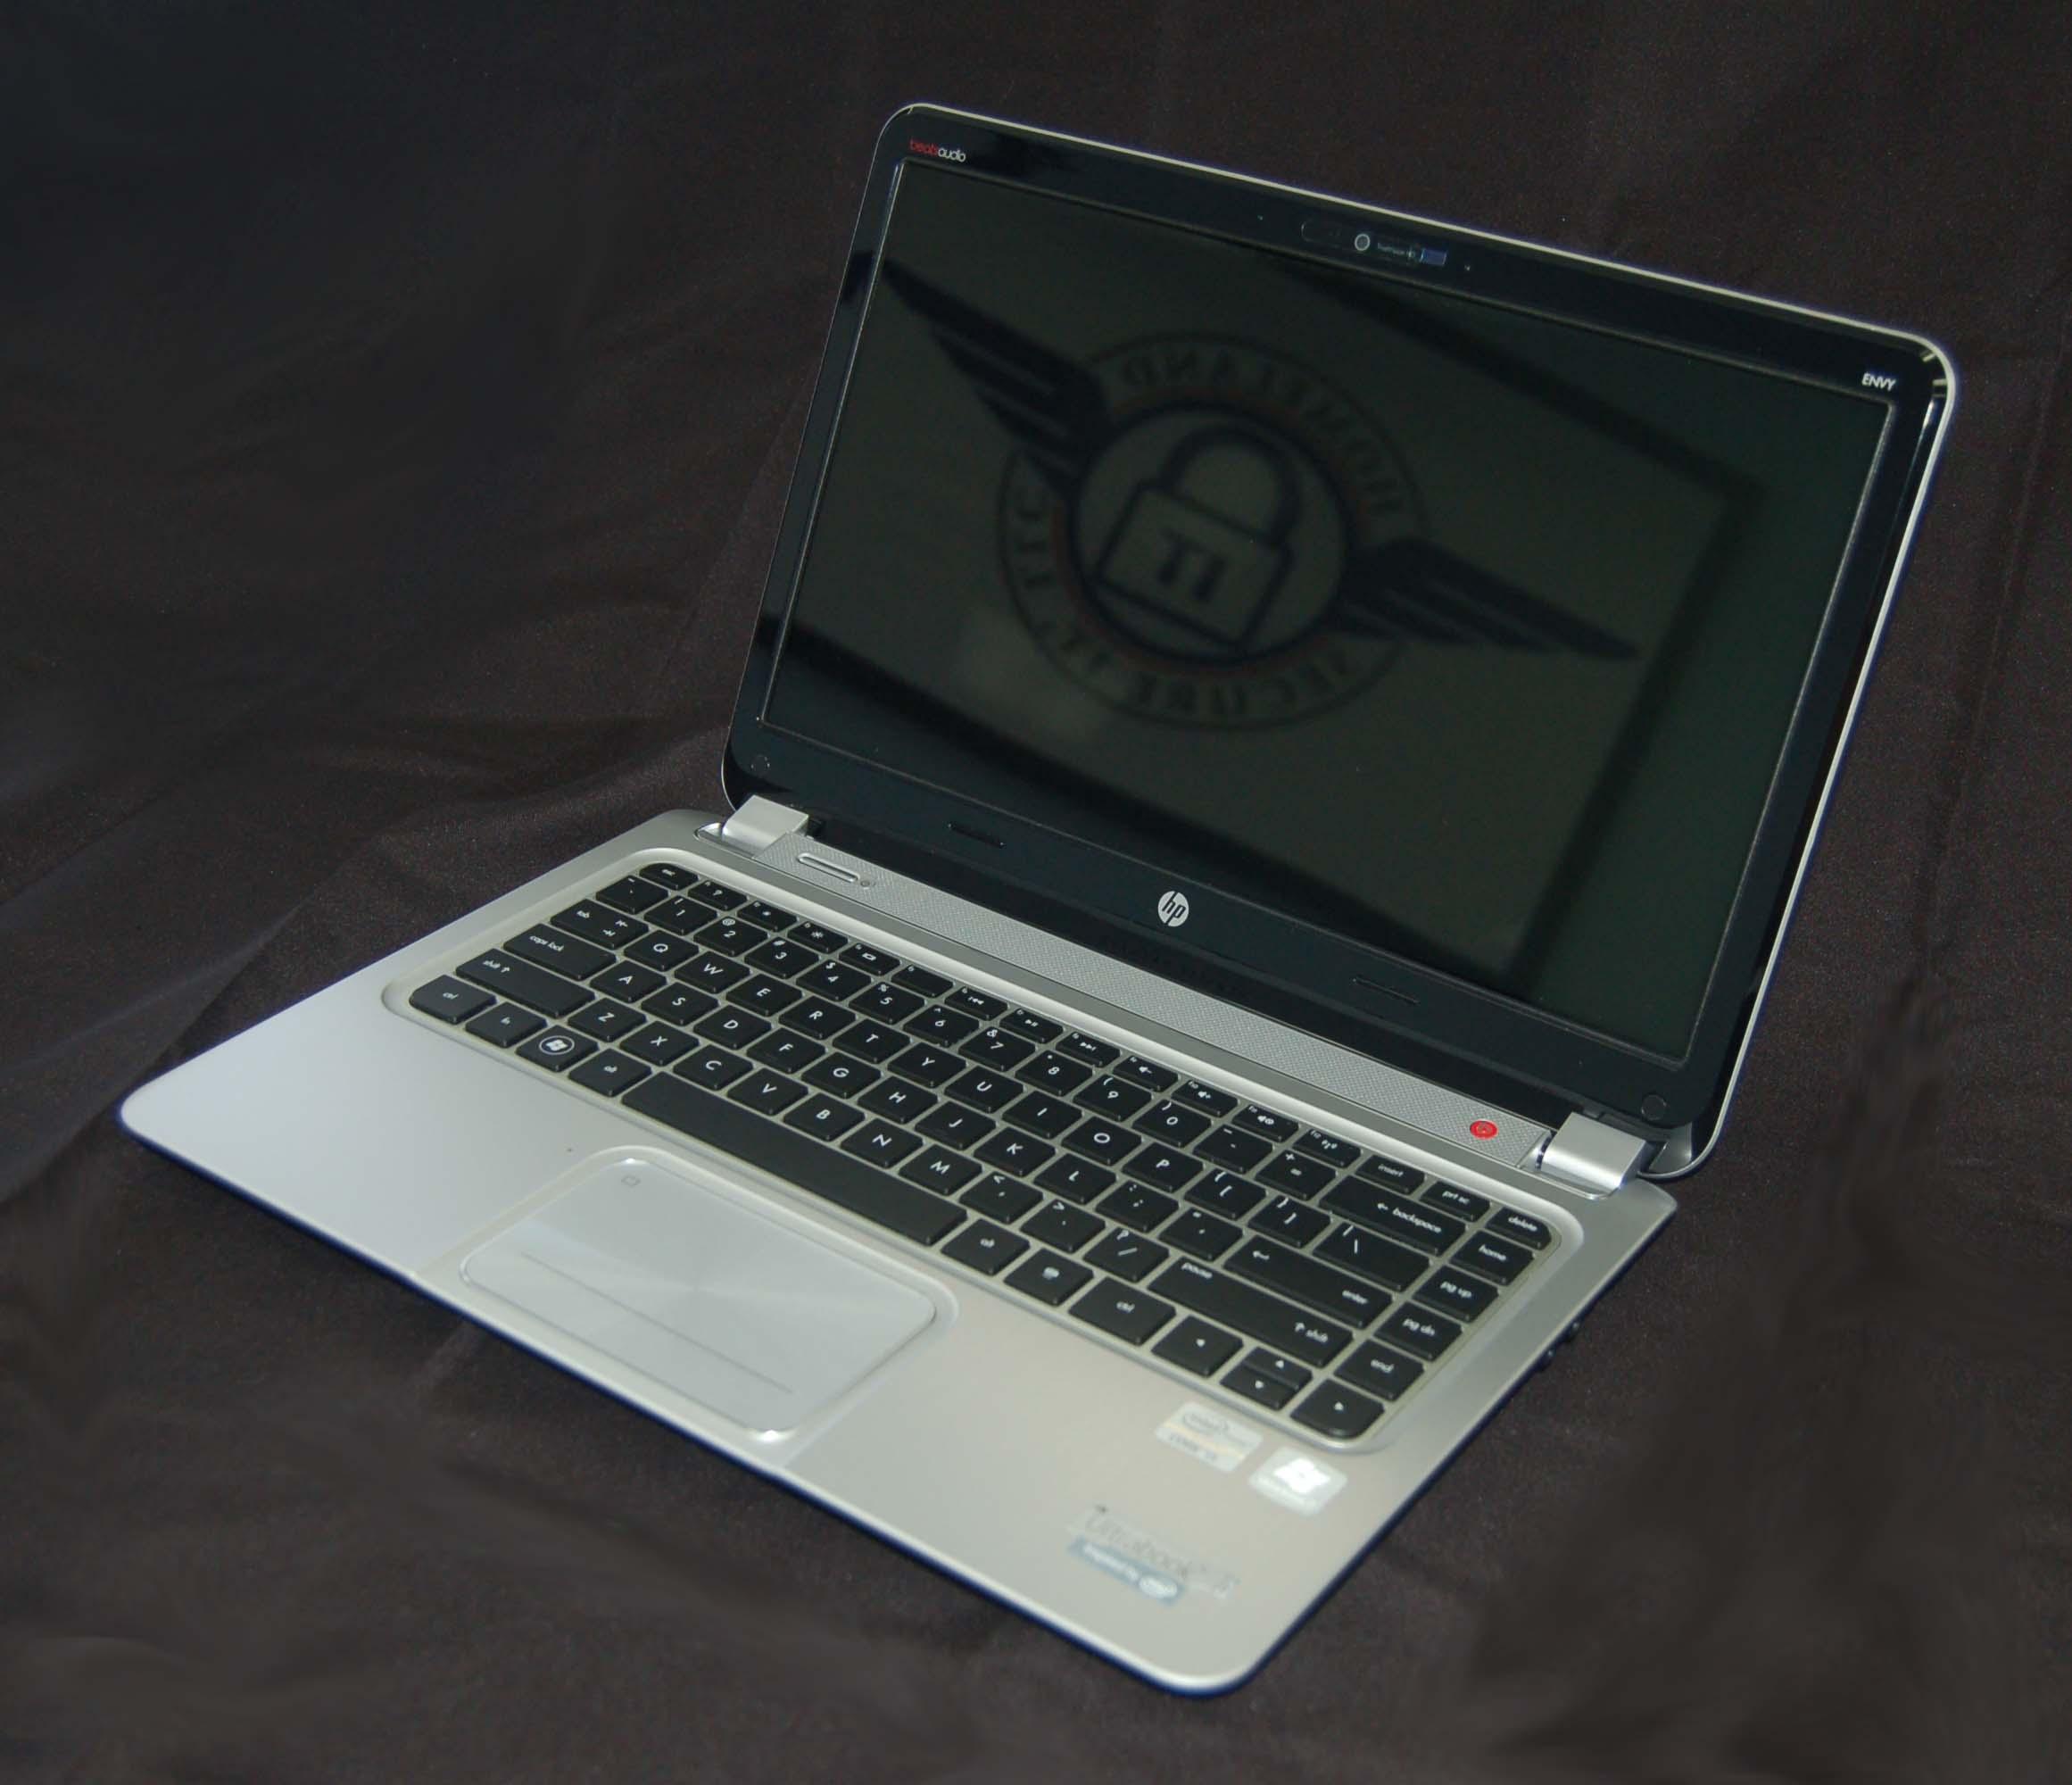 HP Envy Pro Ultrabook w/ i5